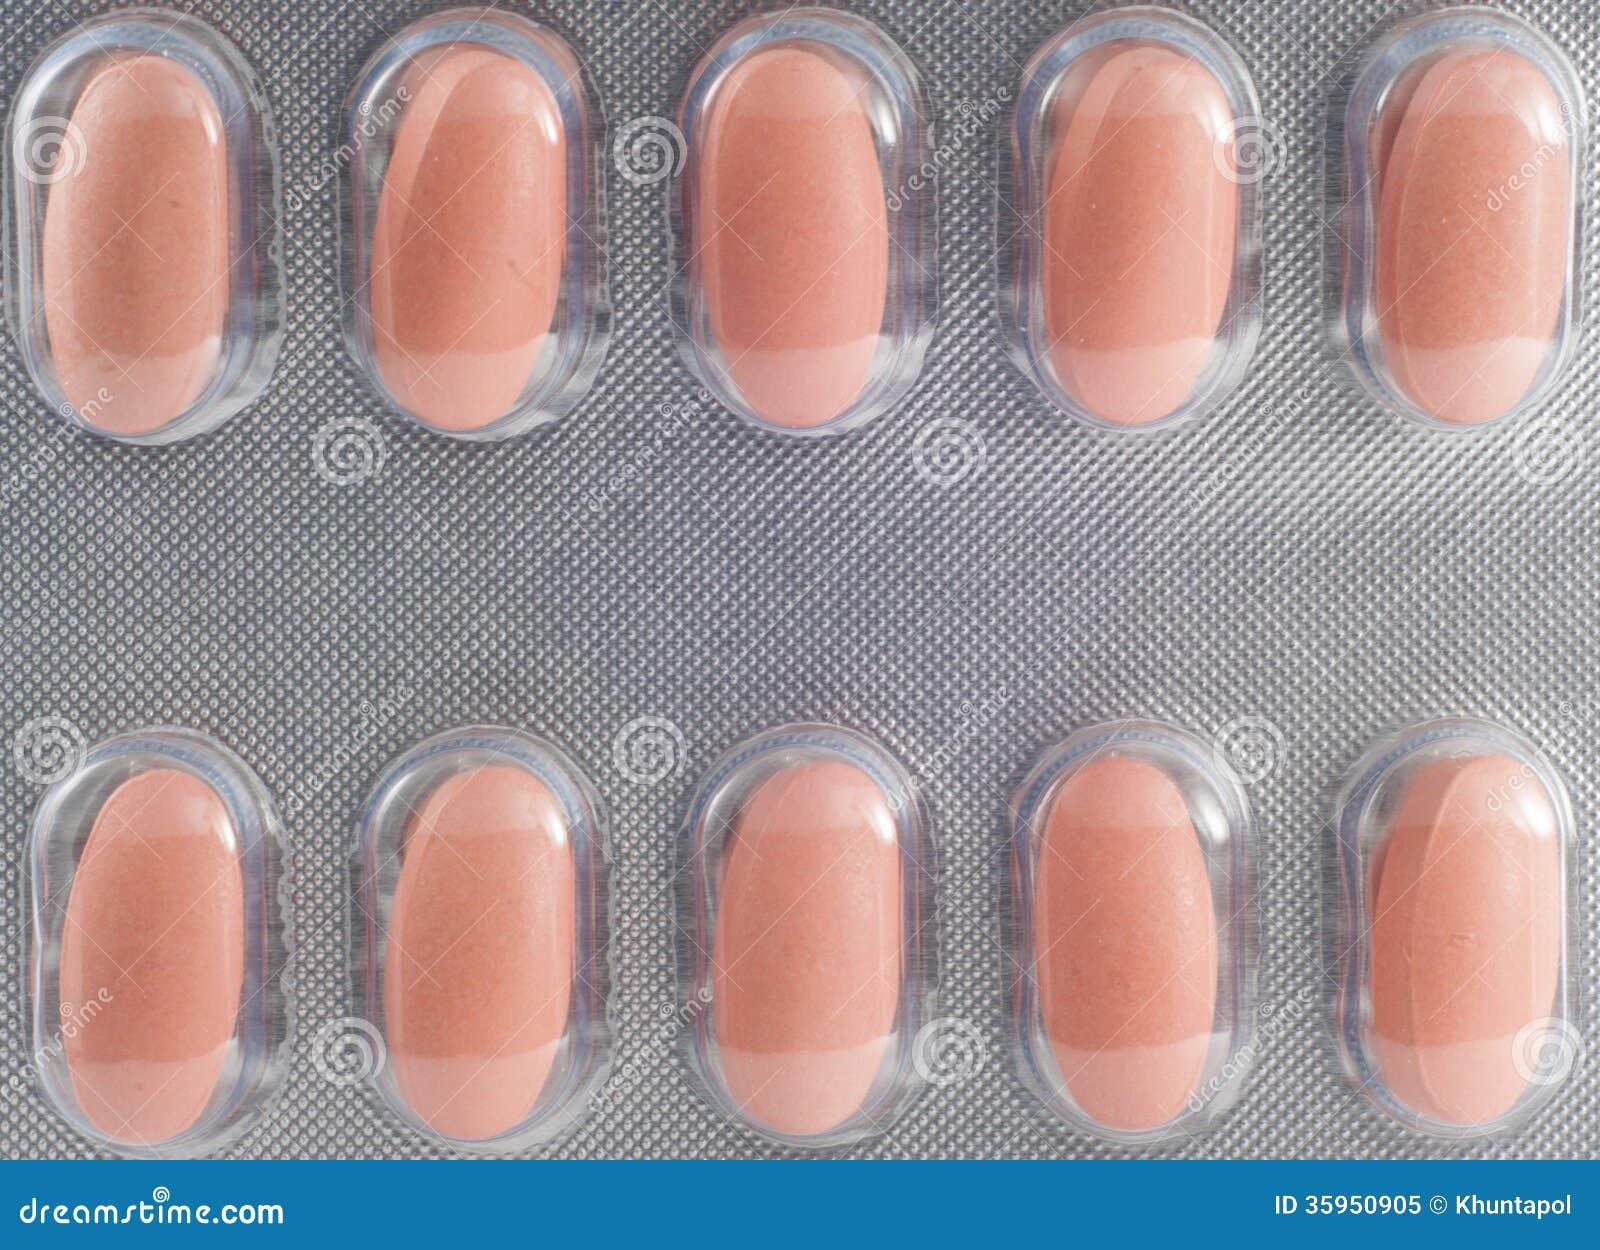 Tableta en concepto de la medicina de la demostración del paquete de ampolla